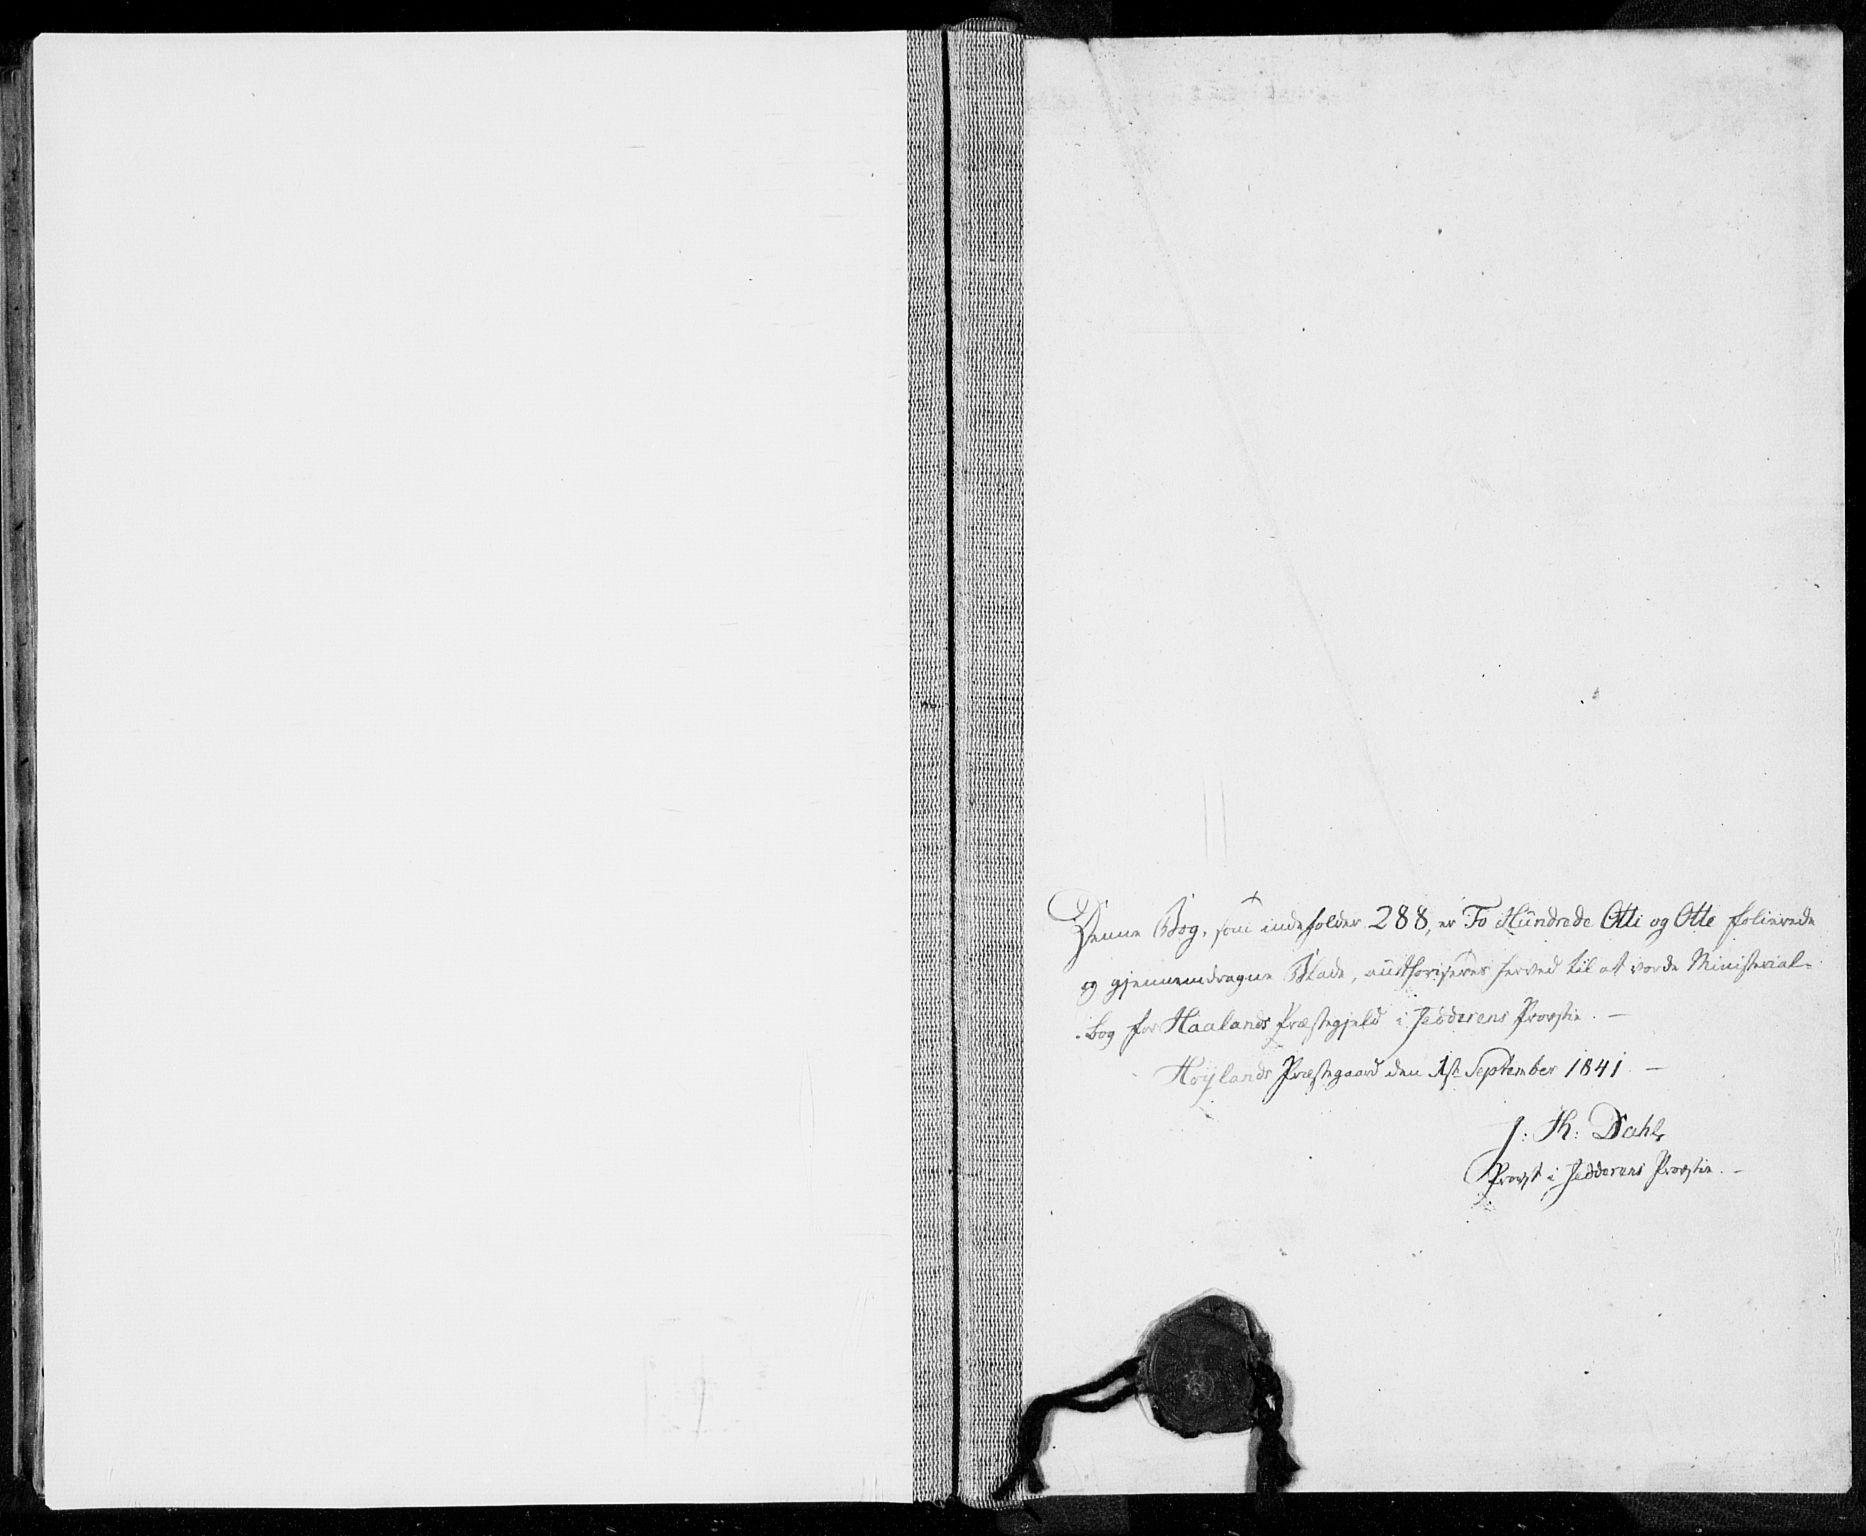 SAST, Håland sokneprestkontor, 30BA/L0006: Ministerialbok nr. A 6, 1842-1853